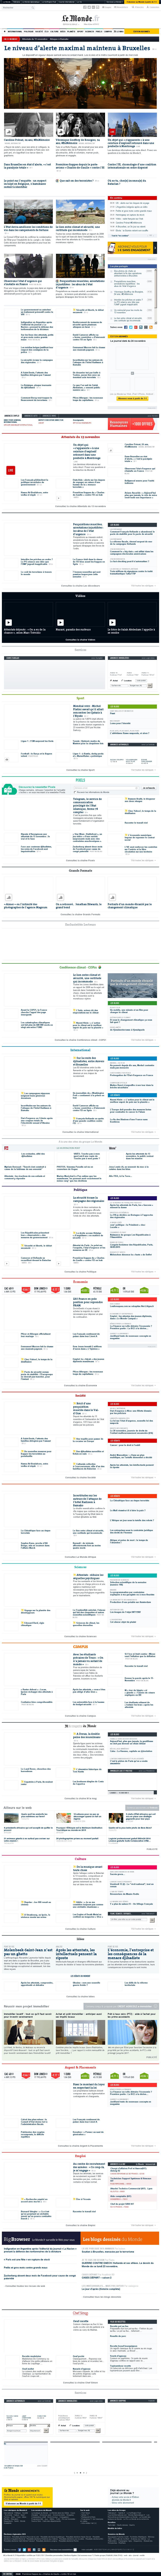 Le Monde at Tuesday Nov. 24, 2015, 12:13 a.m. UTC